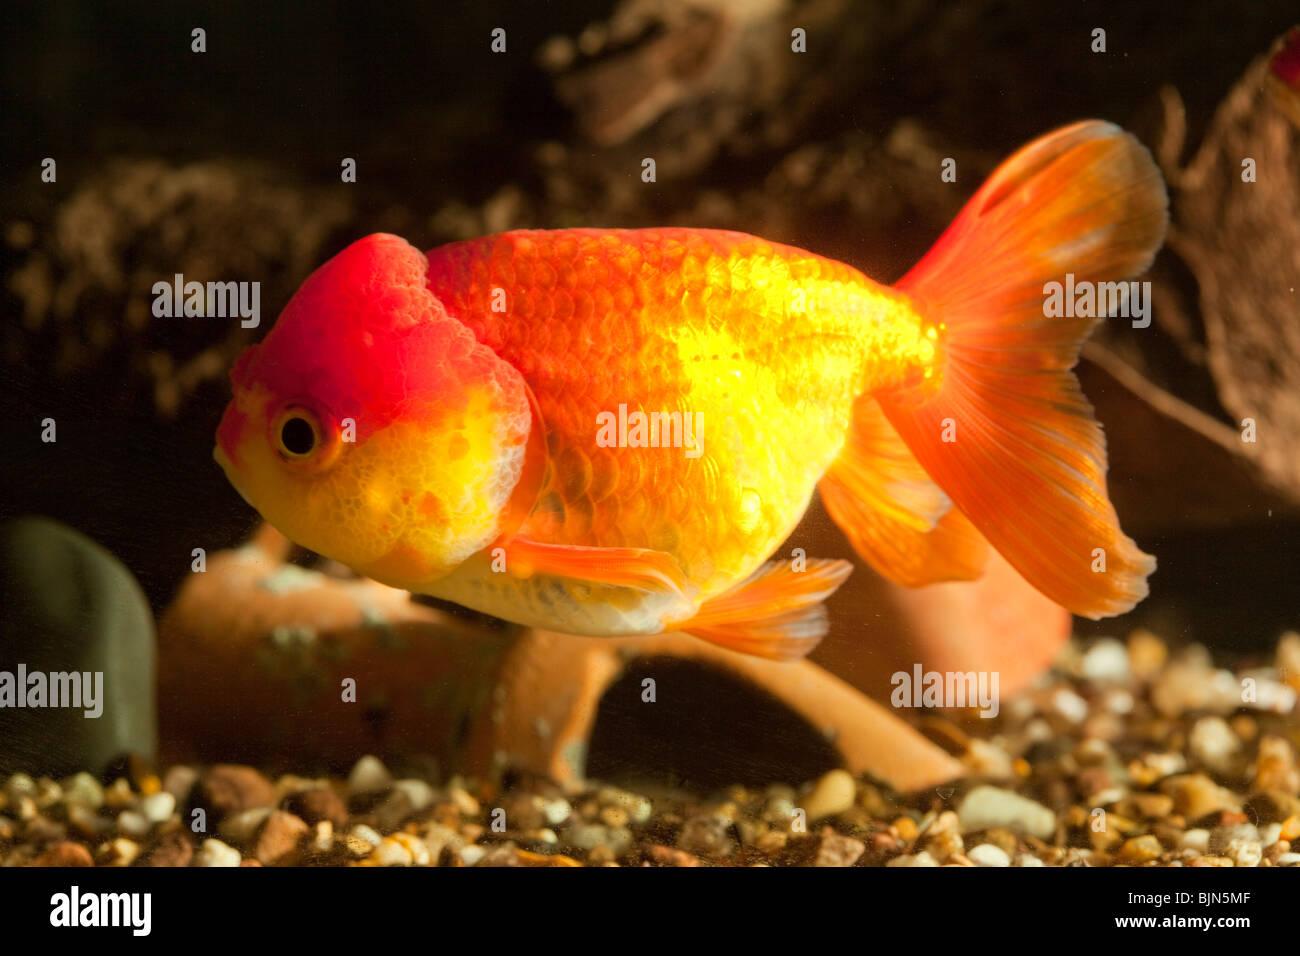 Lionhead Goldfish in Aquarium. Stock Photo